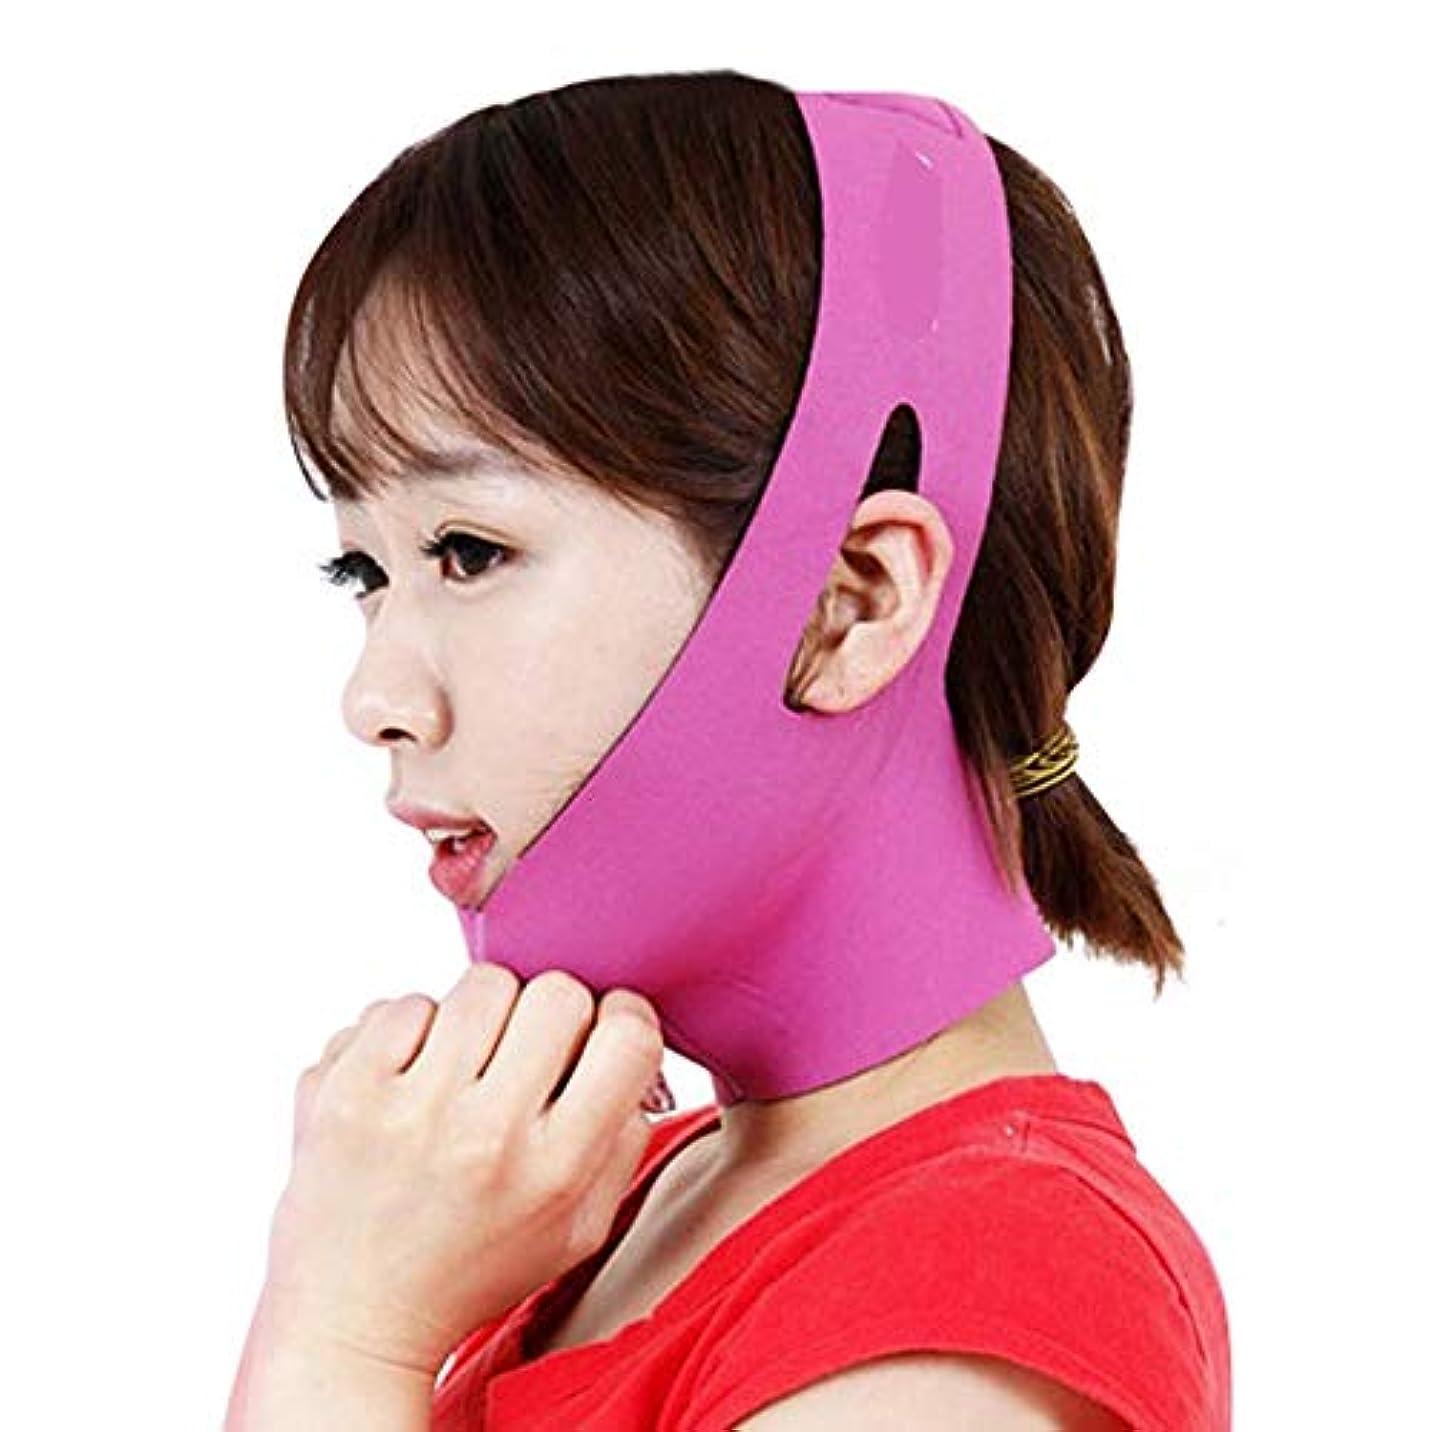 誇張するトランクフィールドJia Jia- フェイシャルリフティング痩身ベルト圧縮二重あご減量ベルトスキンケア薄い顔包帯二重あごワークアウト 顔面包帯 (色 : ピンク)